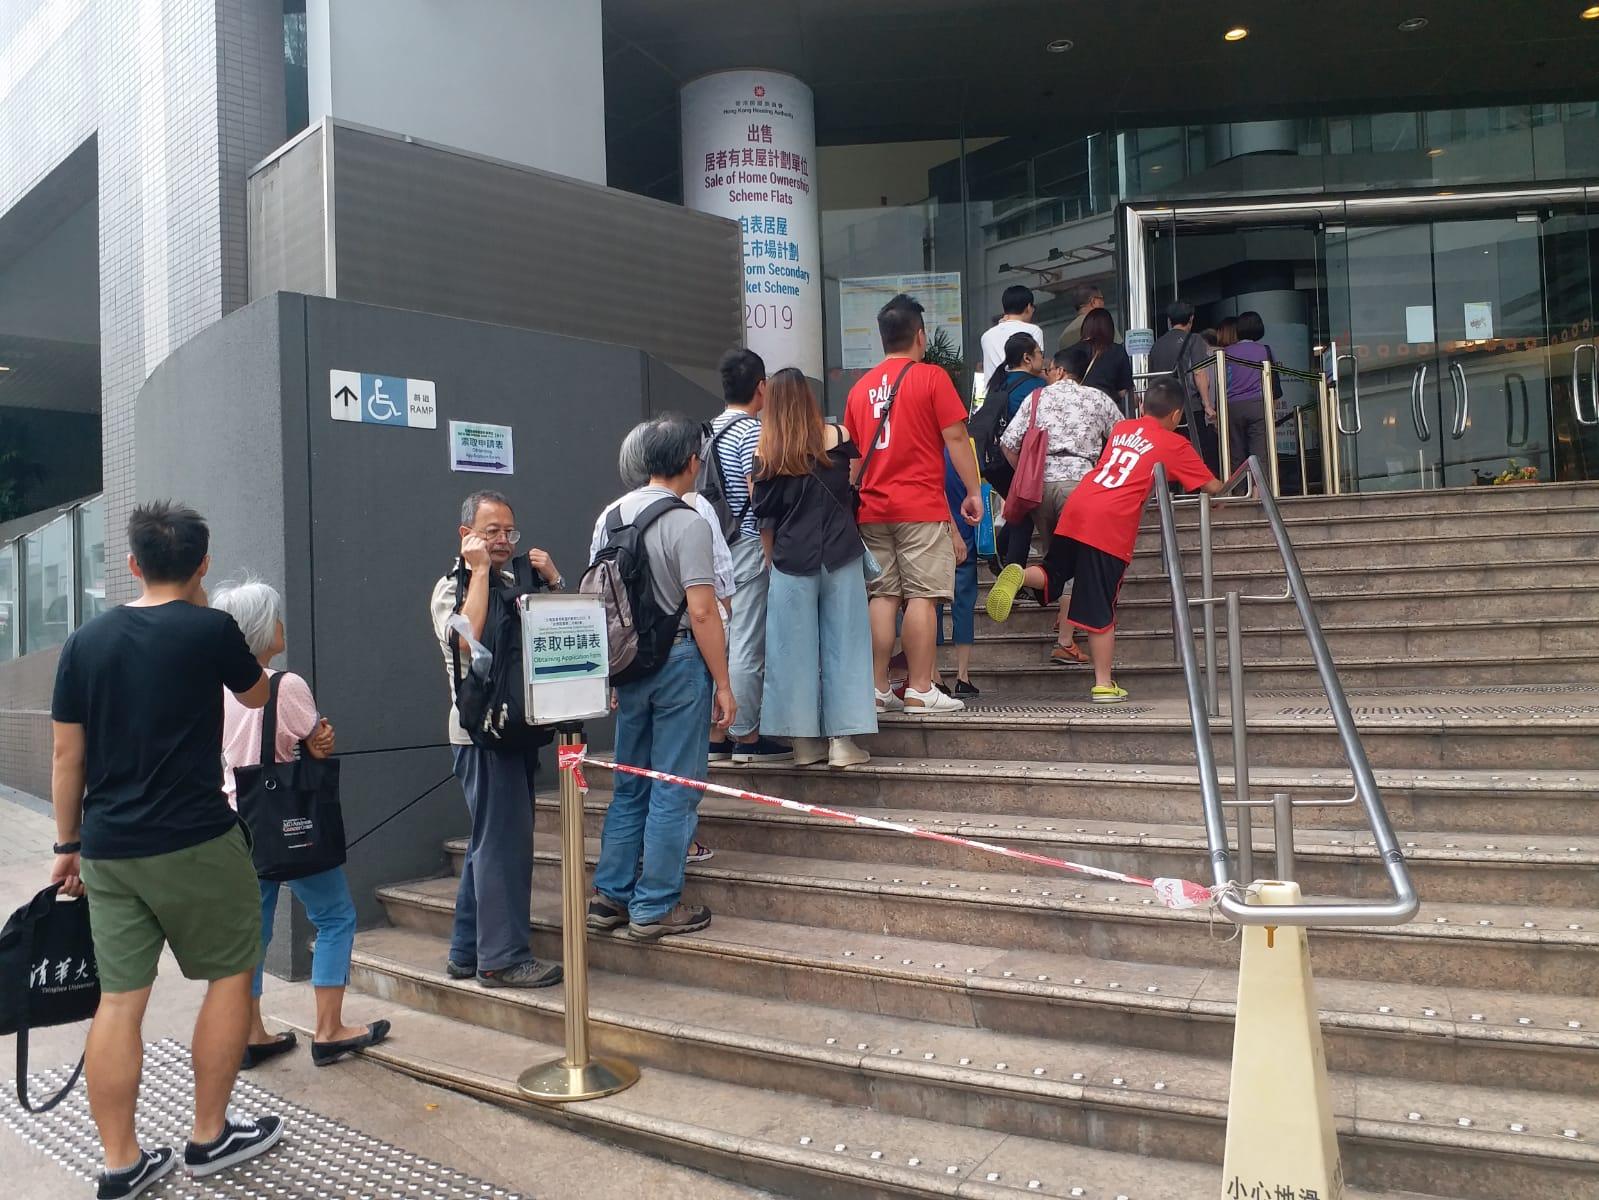 下午2时,排队等候表格的市民多达约50人。